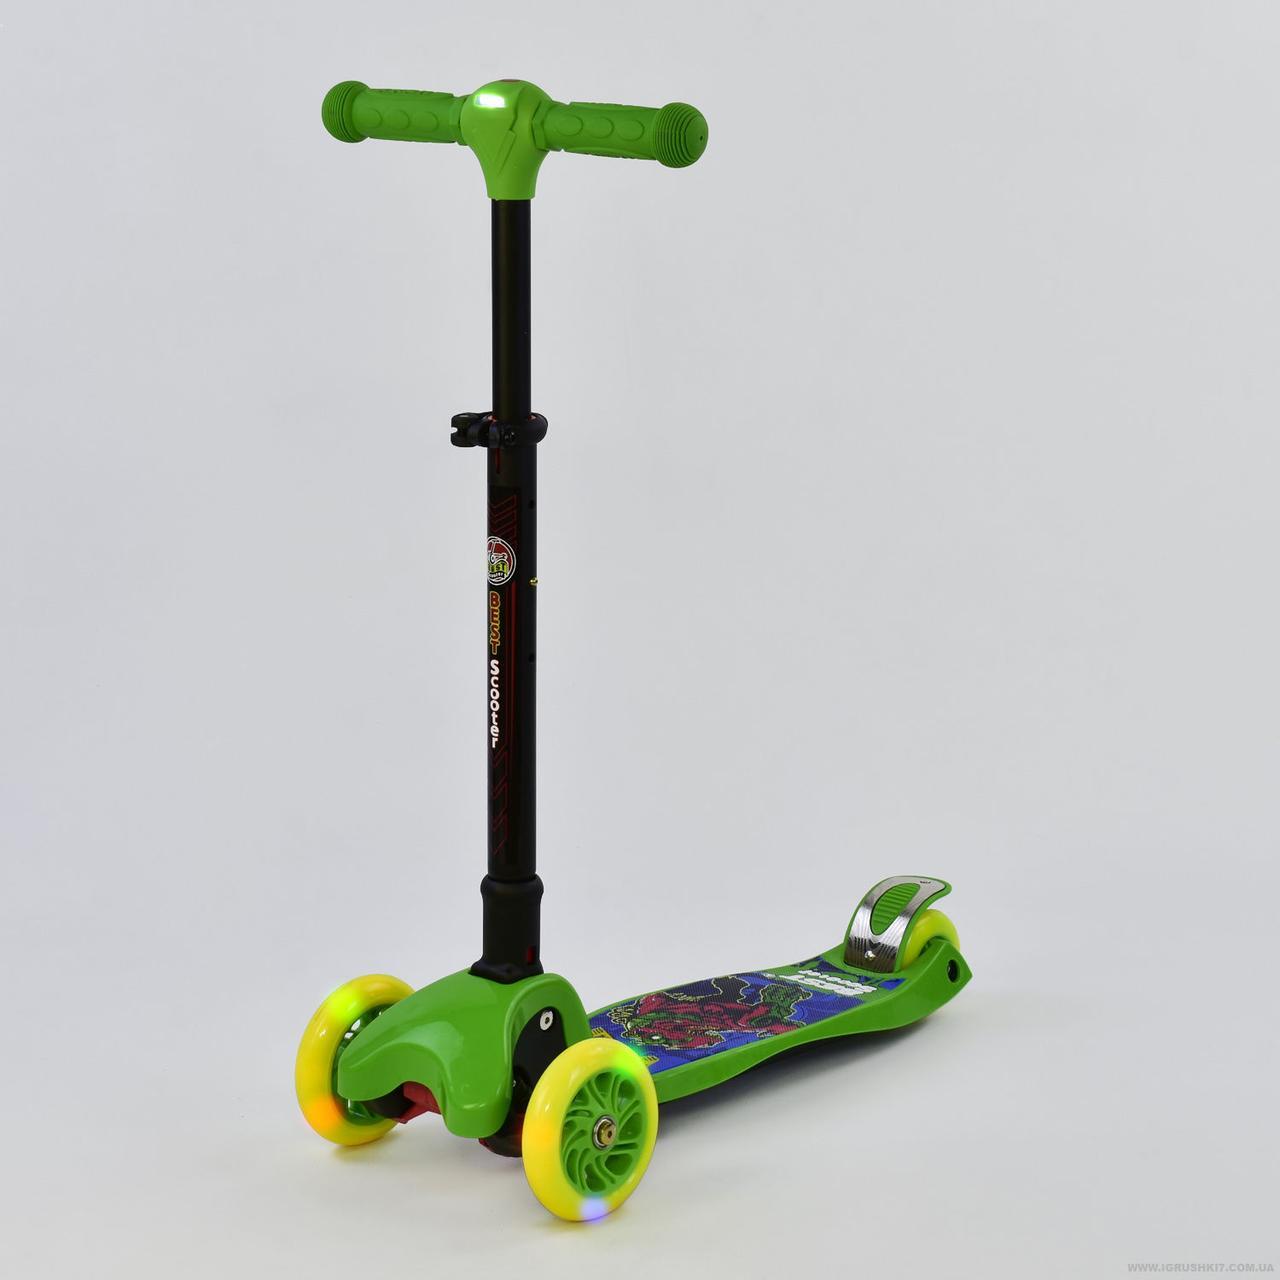 Самокат С 37200 Best Scooter со складным рулем и фарой, 4 колеса PU со светом, d=12 см